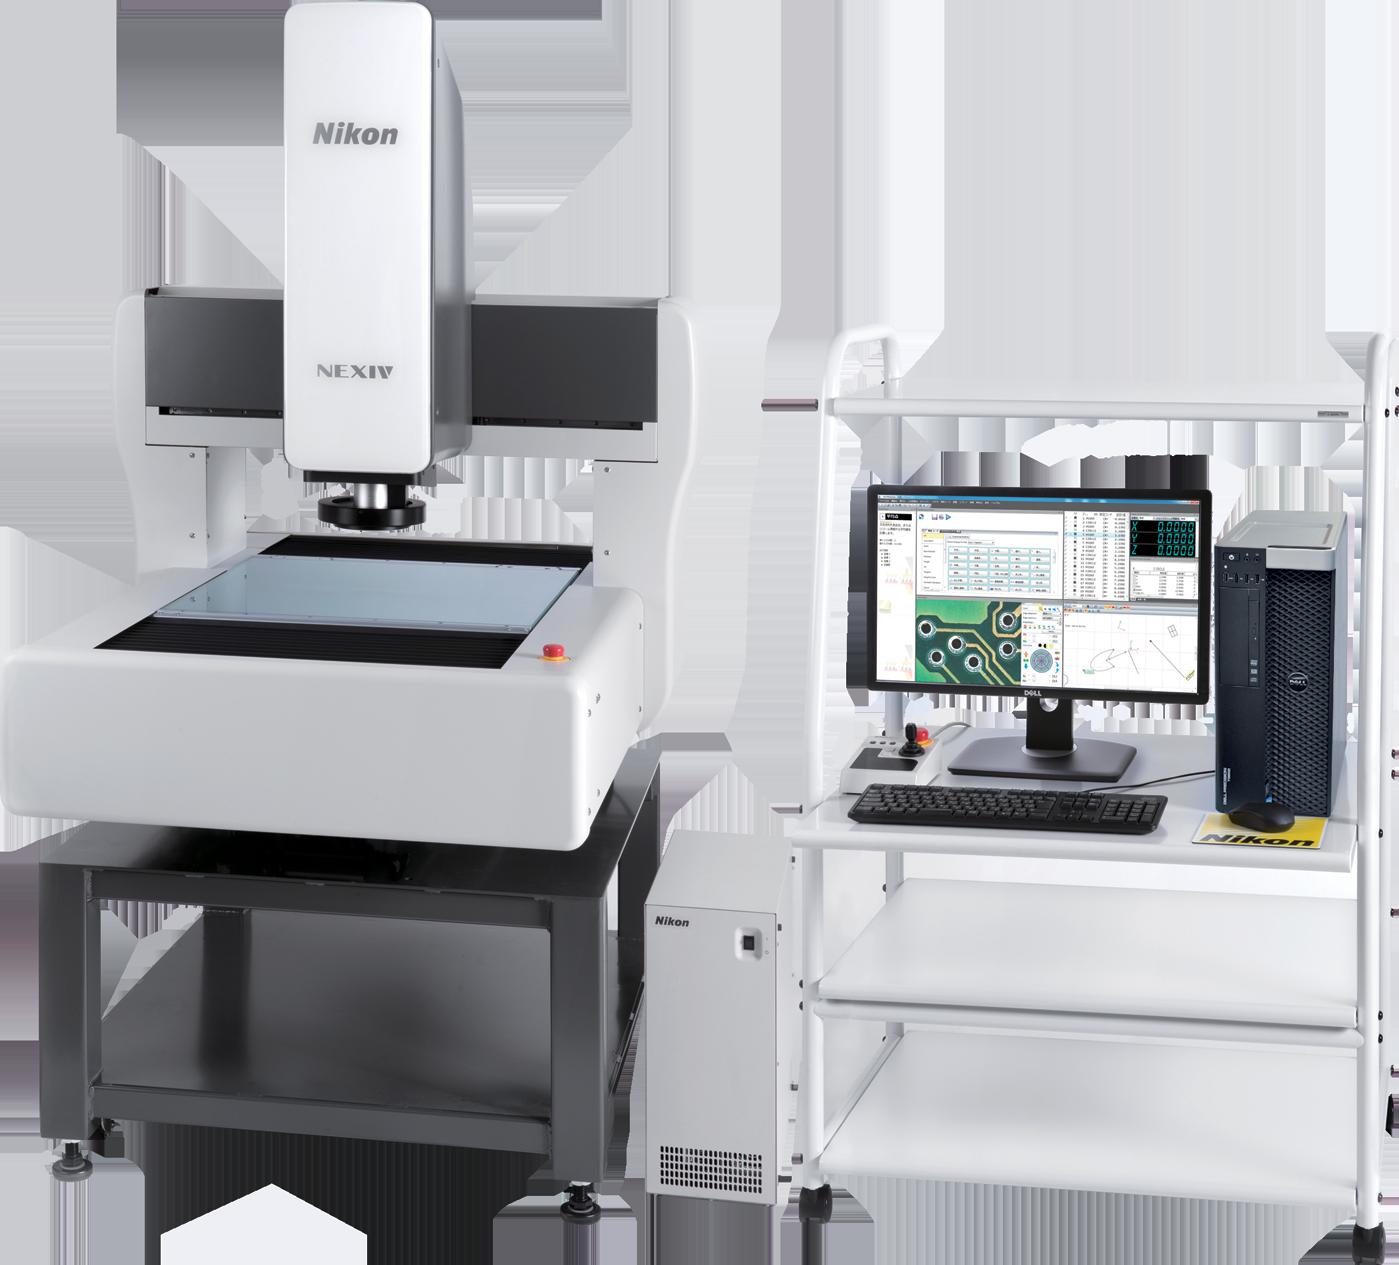 máy đo biên dạng 3D sử dụng quang Video VMZ-R4540 Type 1, 2, 3 NIKON